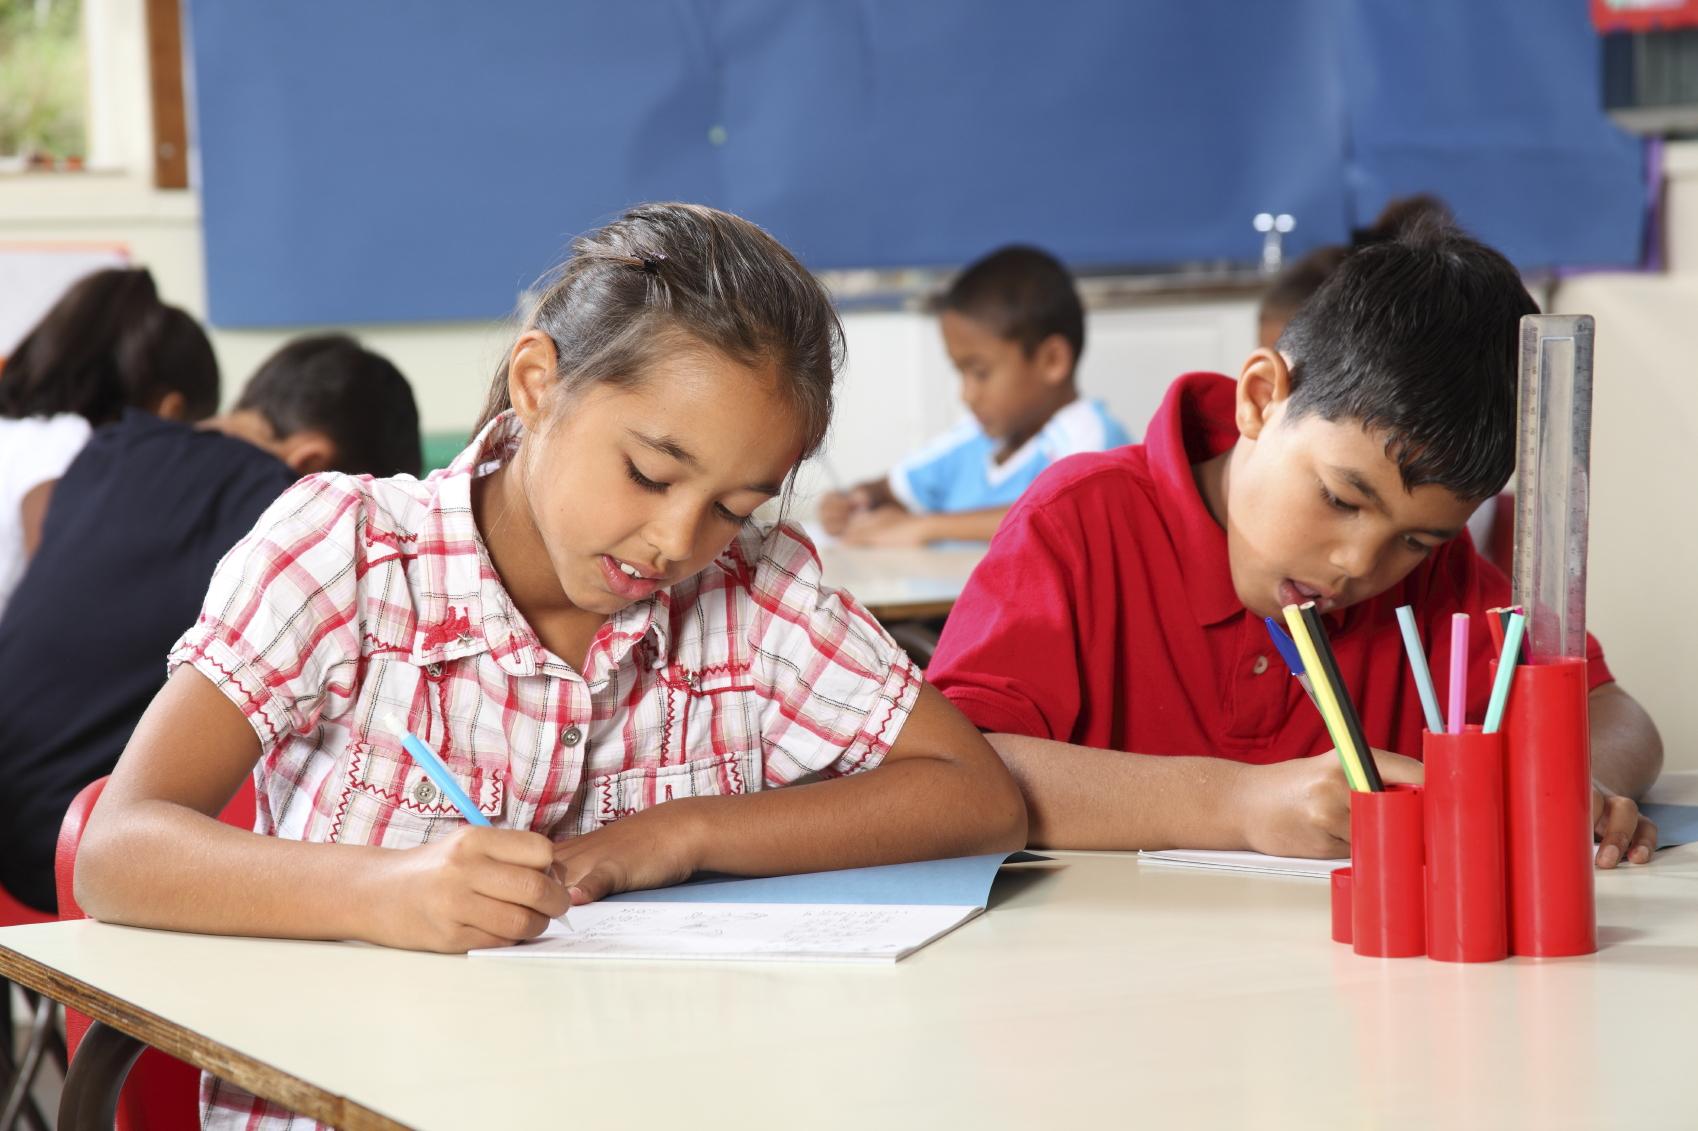 des élèves qui travaillent en salle de classe